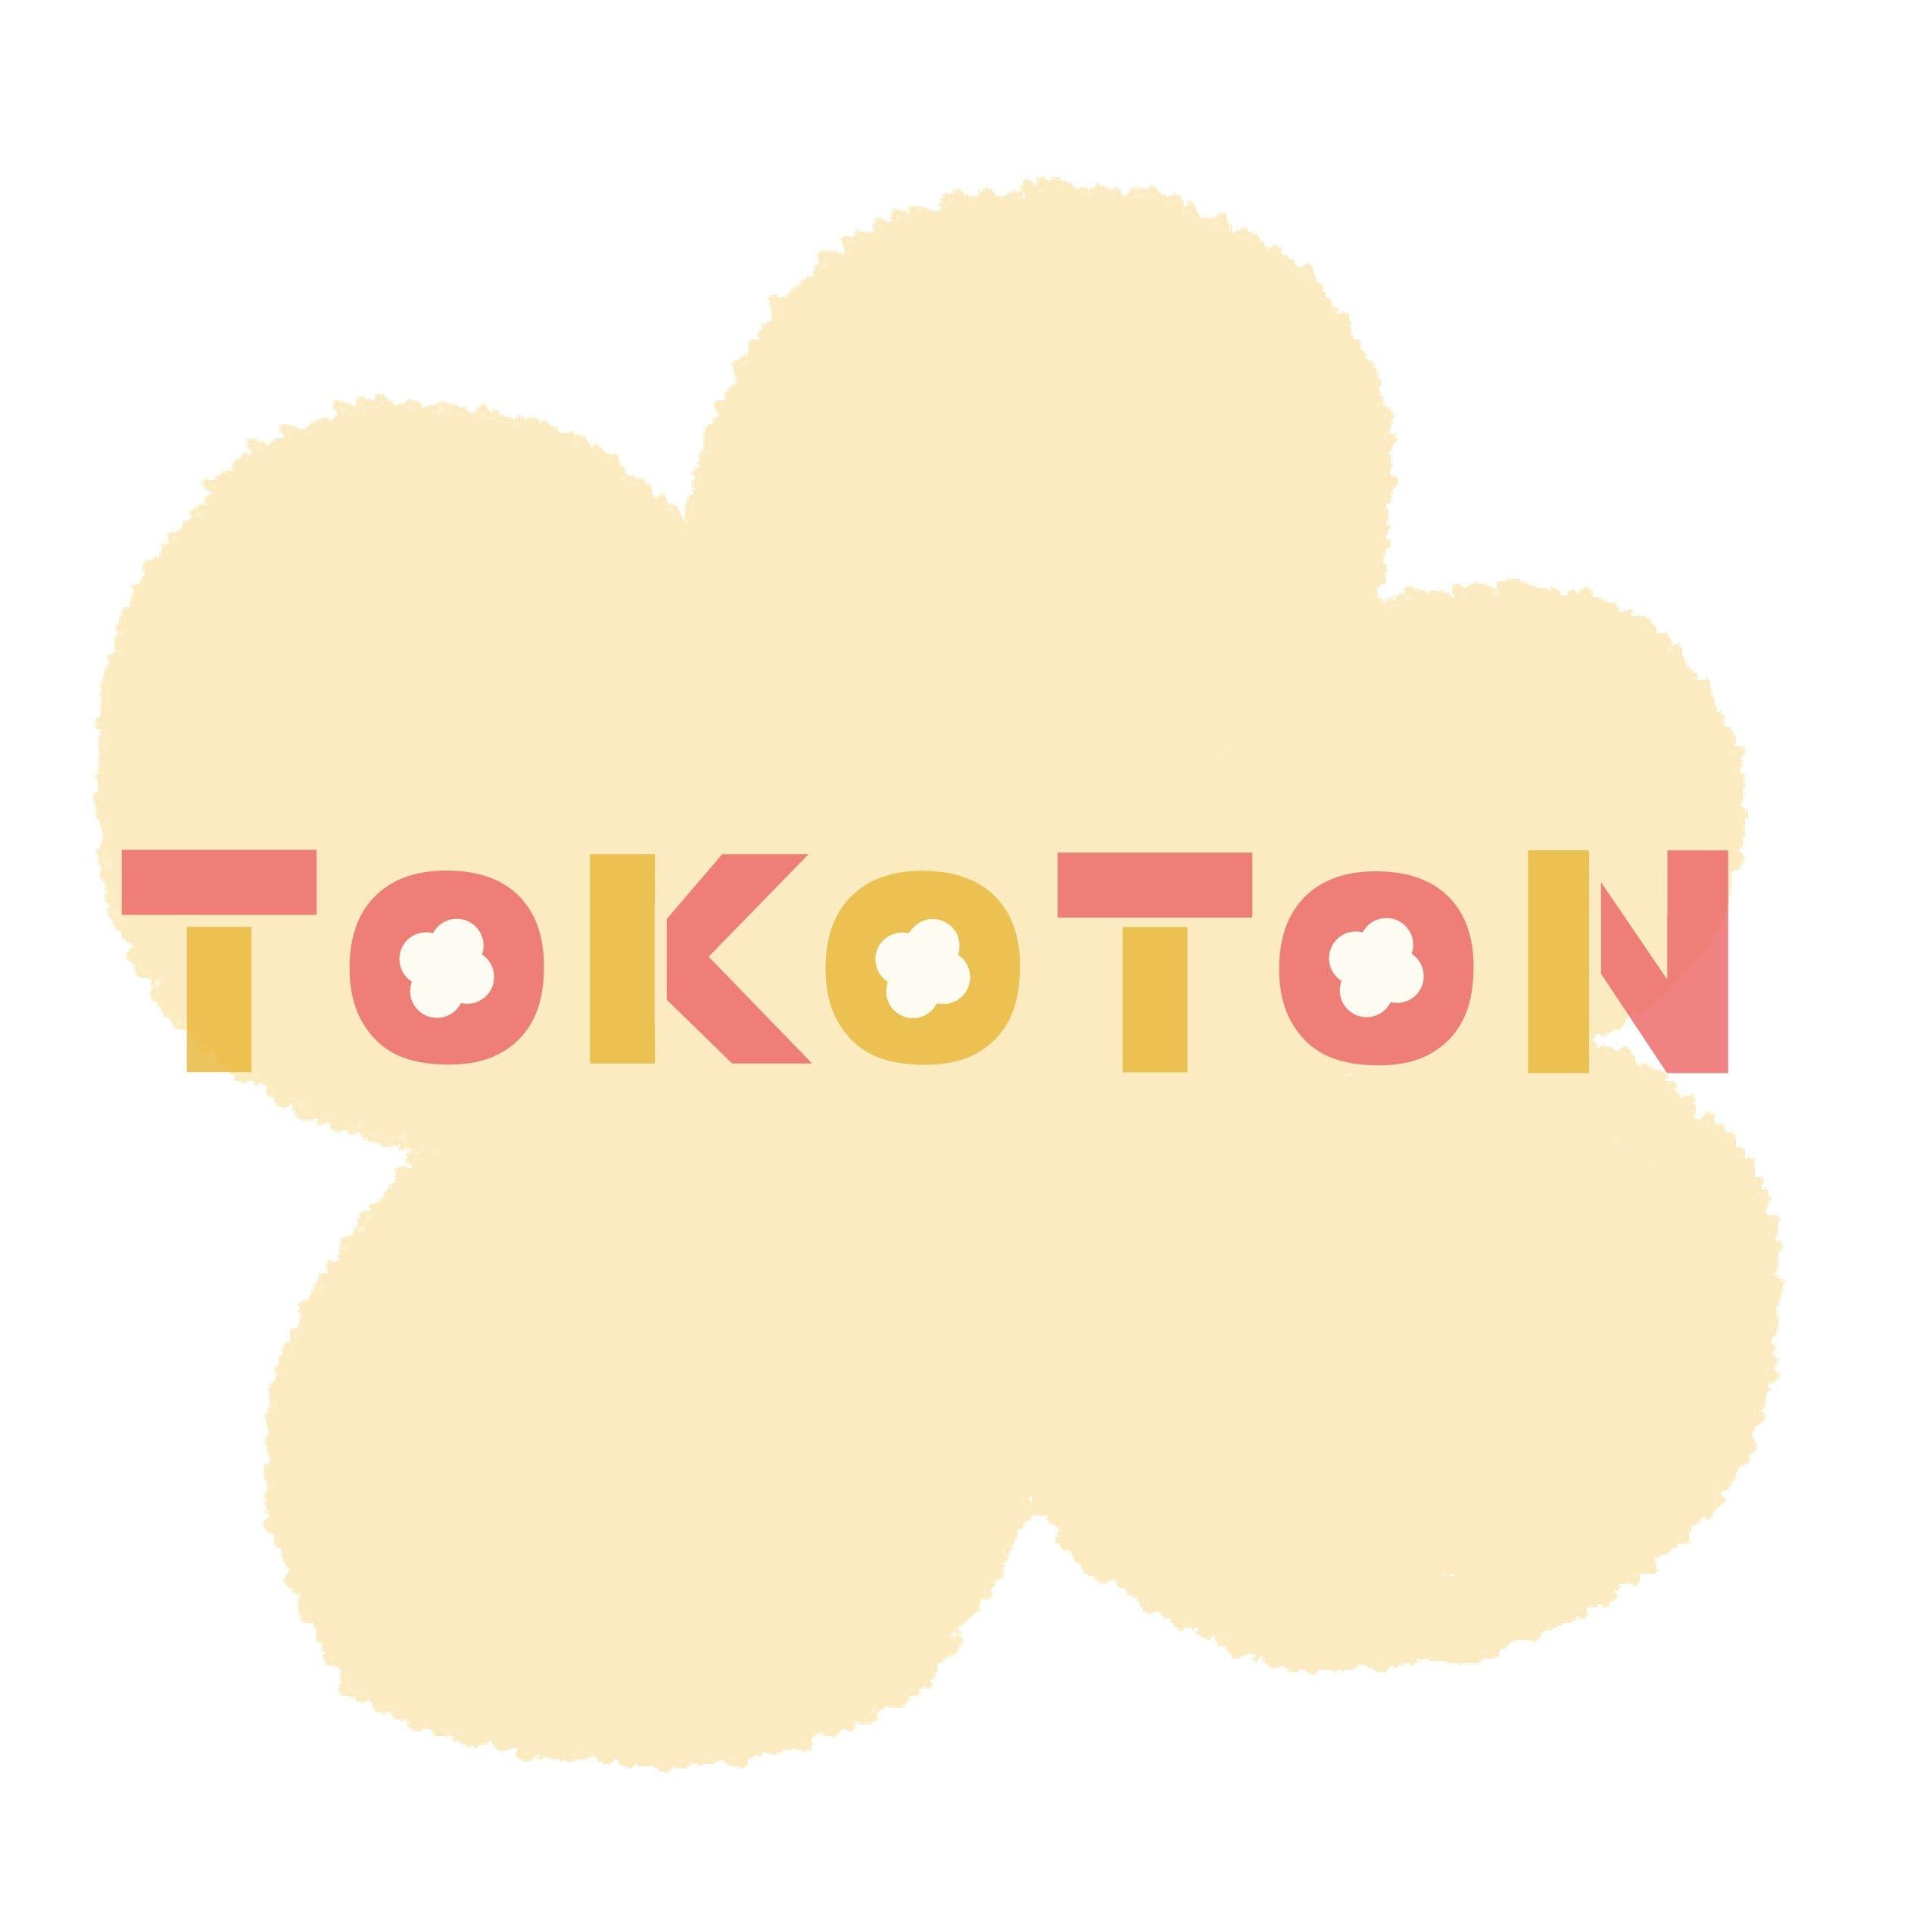 PRイラストムービー『Draw My Story』【TOKOTON】のイメージその1